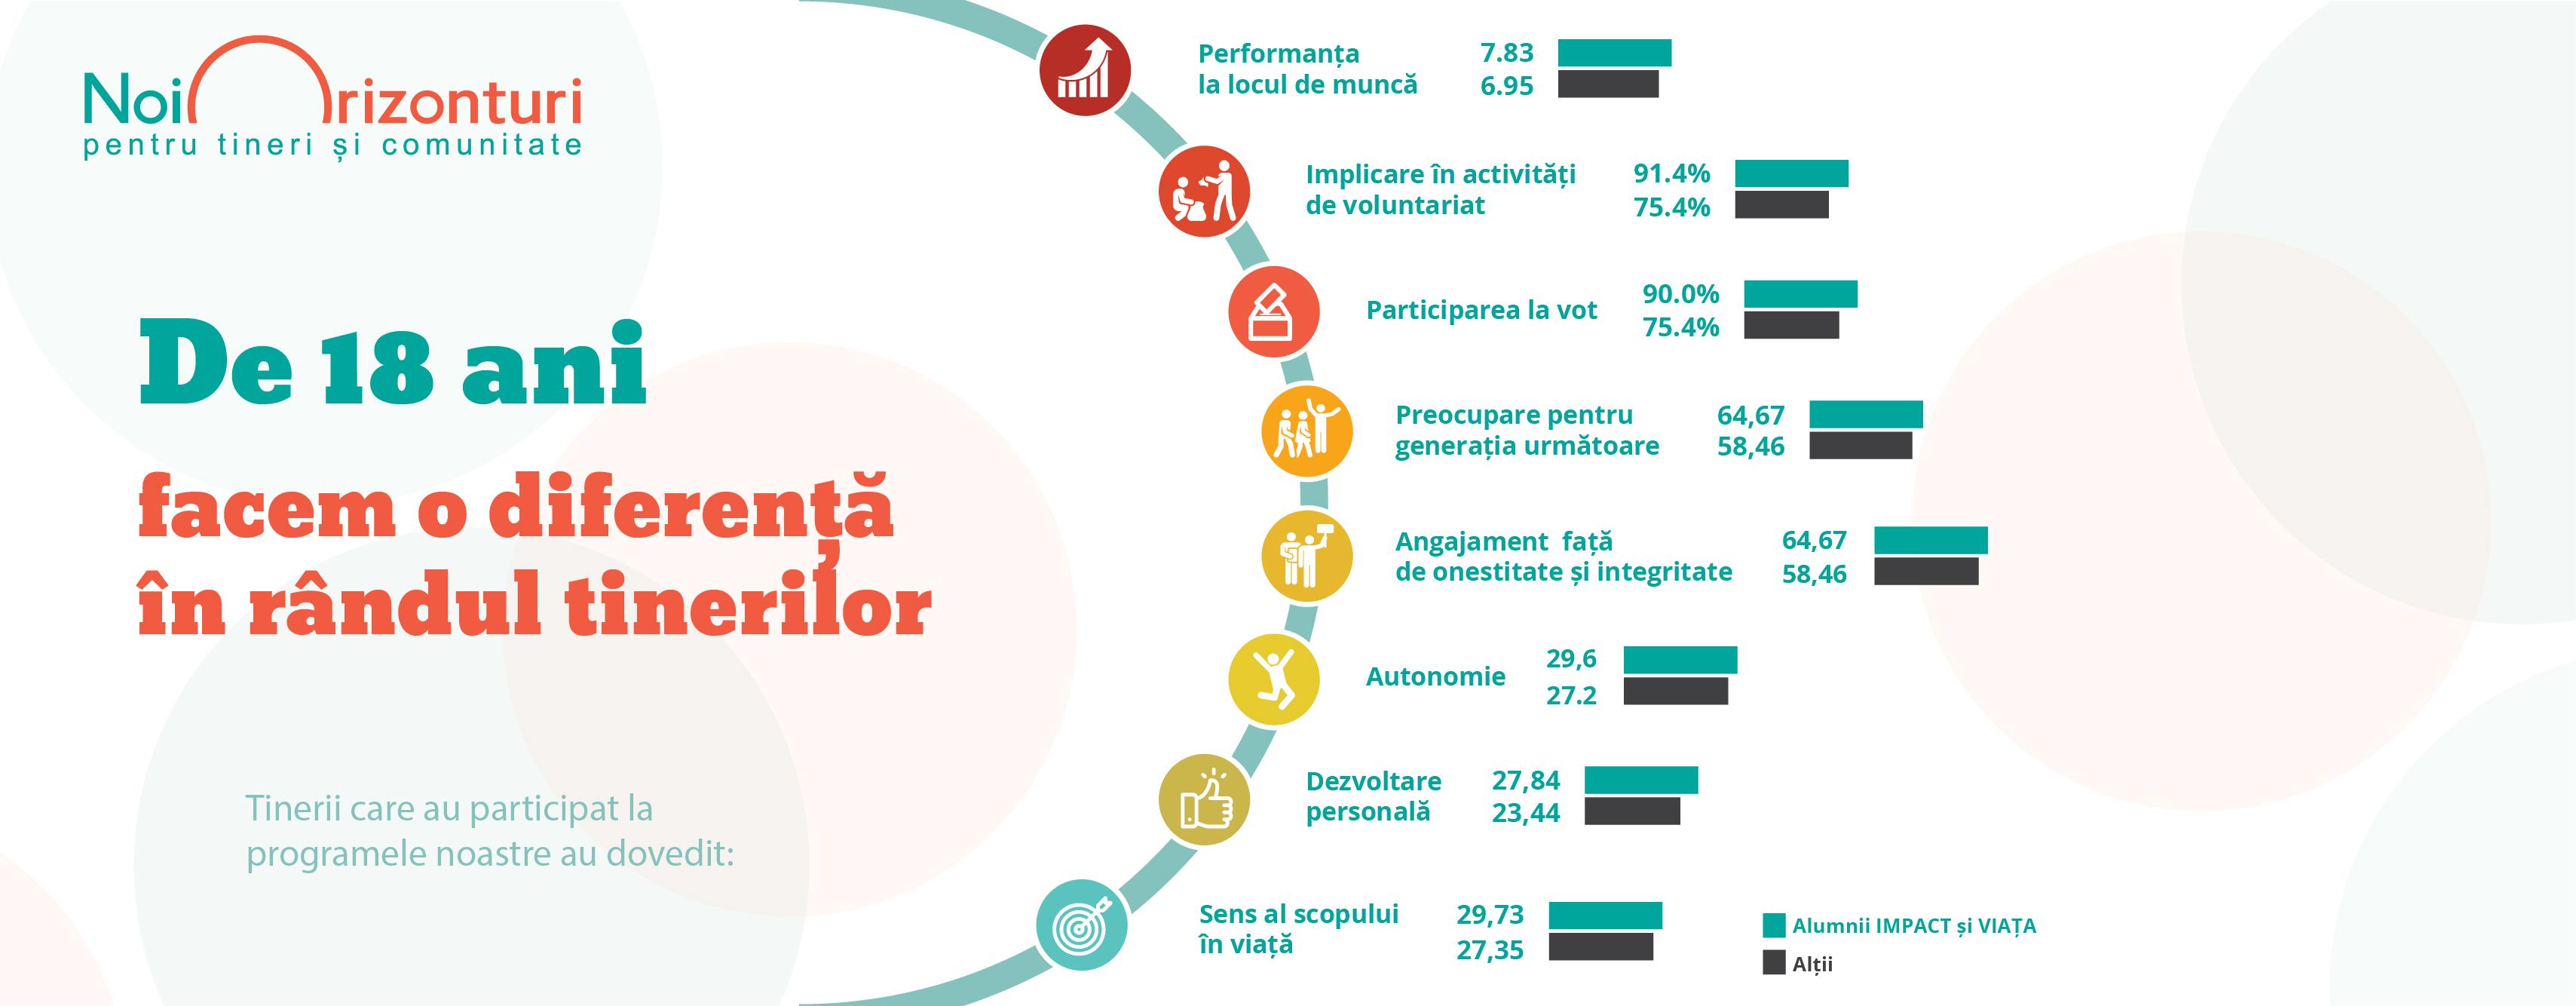 Învățarea relevantă: Cum învăță diferit 43.700 elevi din România?